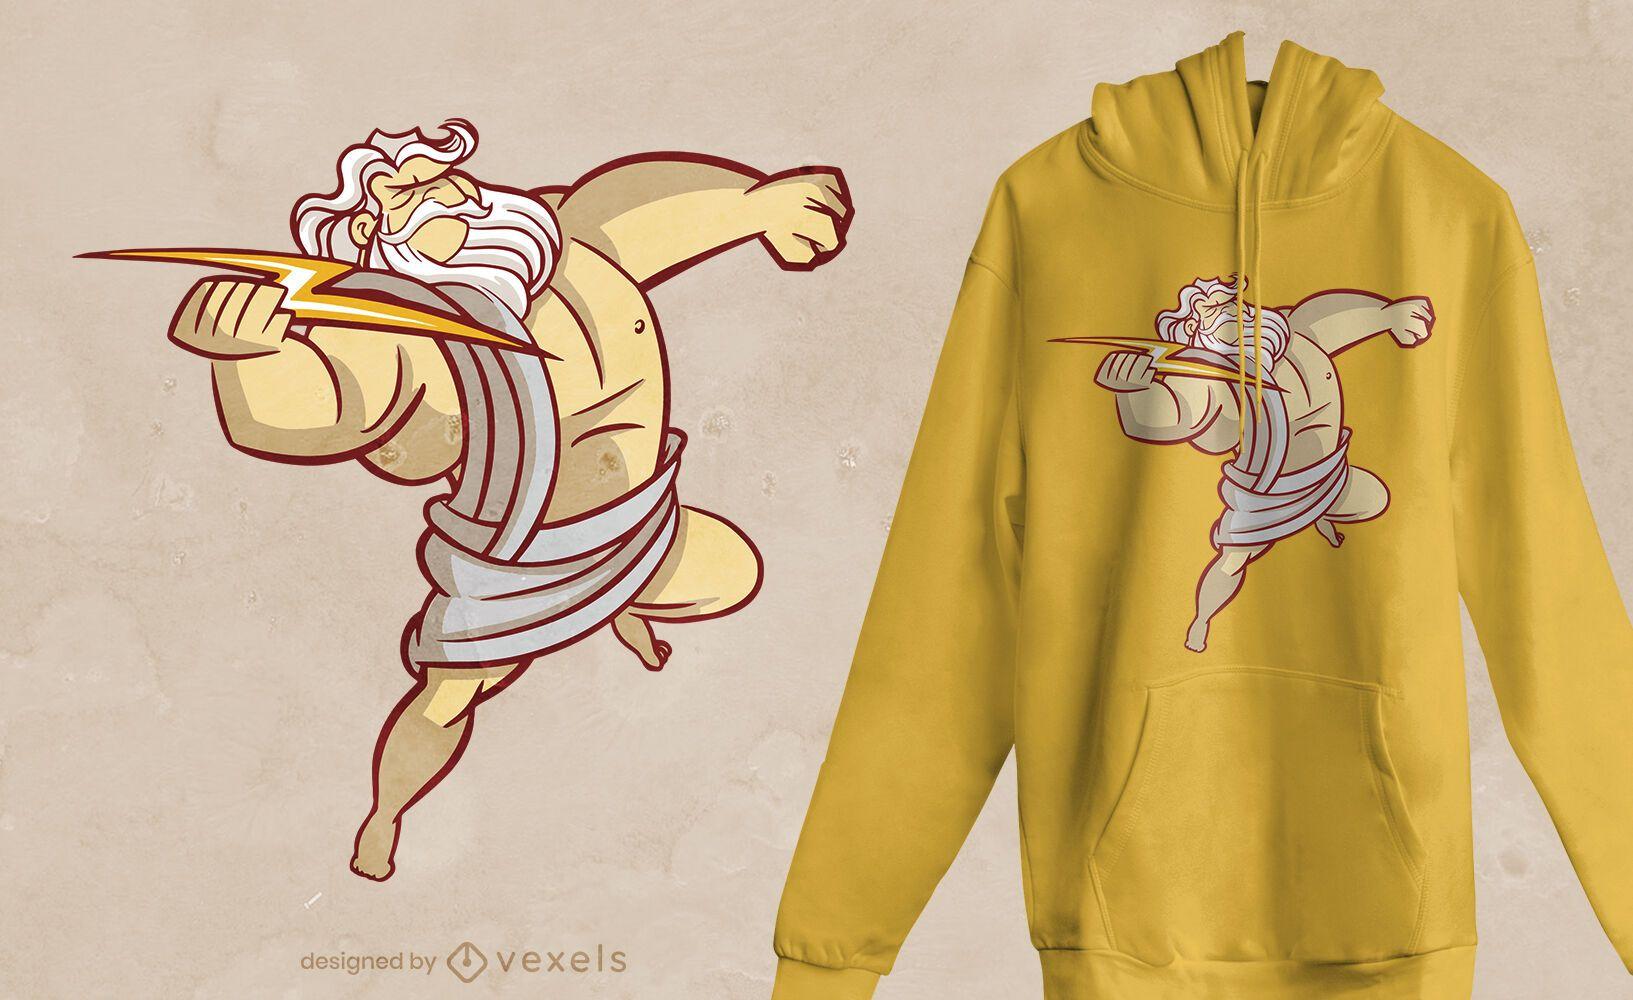 Zeus bolt t-shirt design